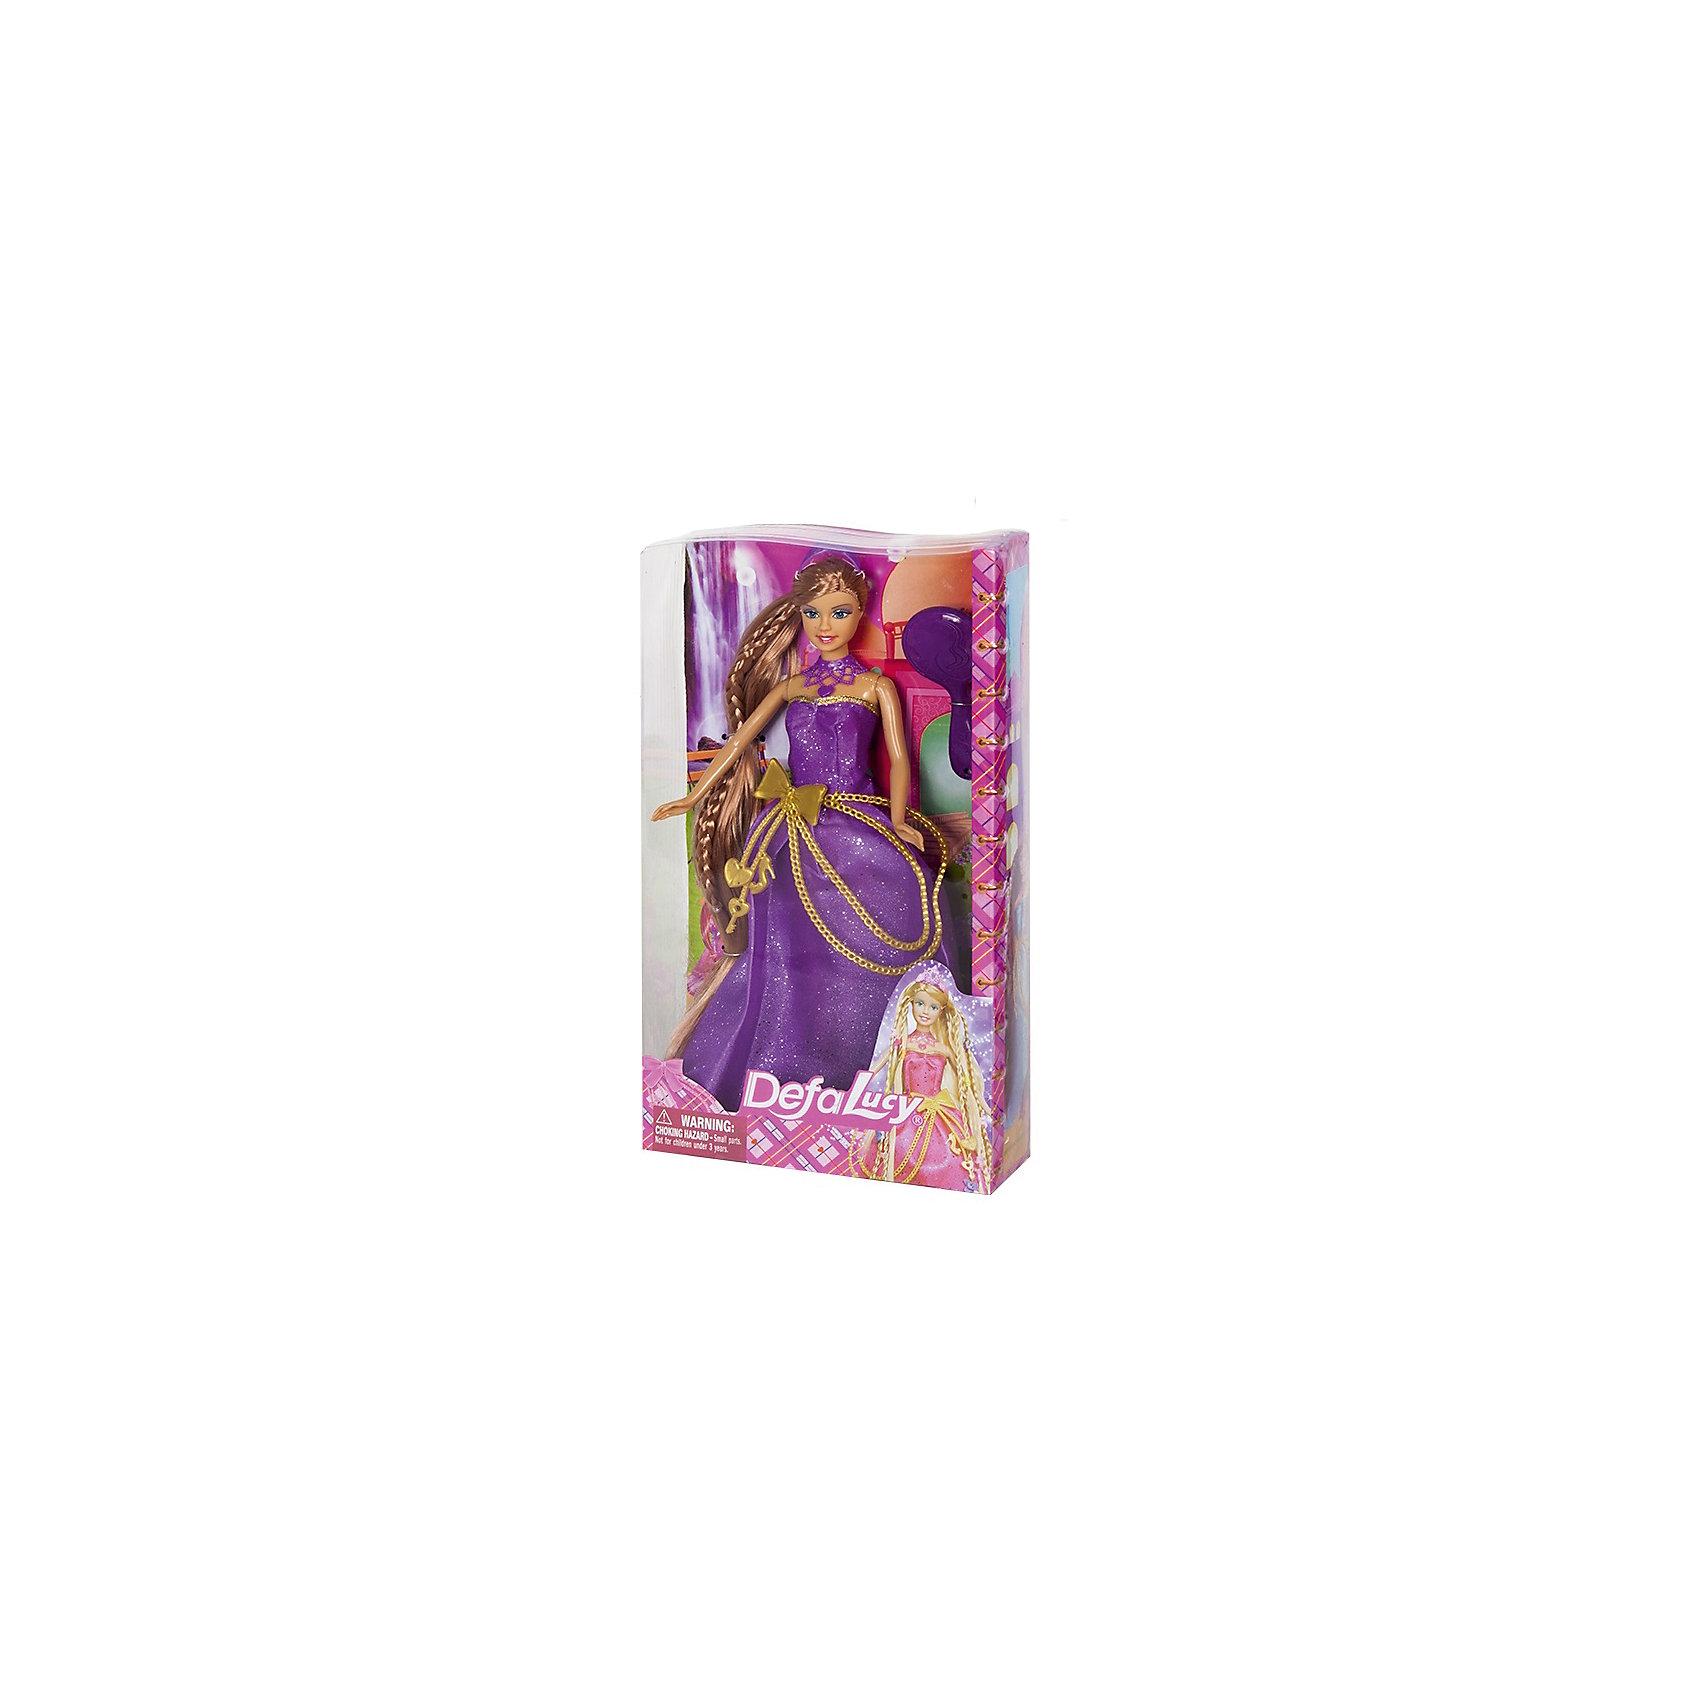 Кукла Длинная коса, Defa LucyКуклы<br>Характеристики товара:<br><br>• возраст от 3 лет;<br>• материал: пластик, текстиль;<br>• в комплекте: кукла, аксессуары;<br>• размер упаковки 31,5х18х5,5 см;<br>• вес упаковки 300 гр.;<br>• страна производитель: Китай.<br><br>Кукла «Длинная коса» Defa Lucy одета в переливающееся фиолетовое платье. На ее шее шикарное колье, а голову украшает диадема. Девочке обязательно понравится придумывать кукле прически на ее длинных густых волосах, создавая каждый раз новые образы.<br><br>Куклу «Длинная коса» Defa Lucy можно приобрести в нашем интернет-магазине.<br><br>Ширина мм: 180<br>Глубина мм: 55<br>Высота мм: 315<br>Вес г: 300<br>Возраст от месяцев: 36<br>Возраст до месяцев: 72<br>Пол: Женский<br>Возраст: Детский<br>SKU: 5581296